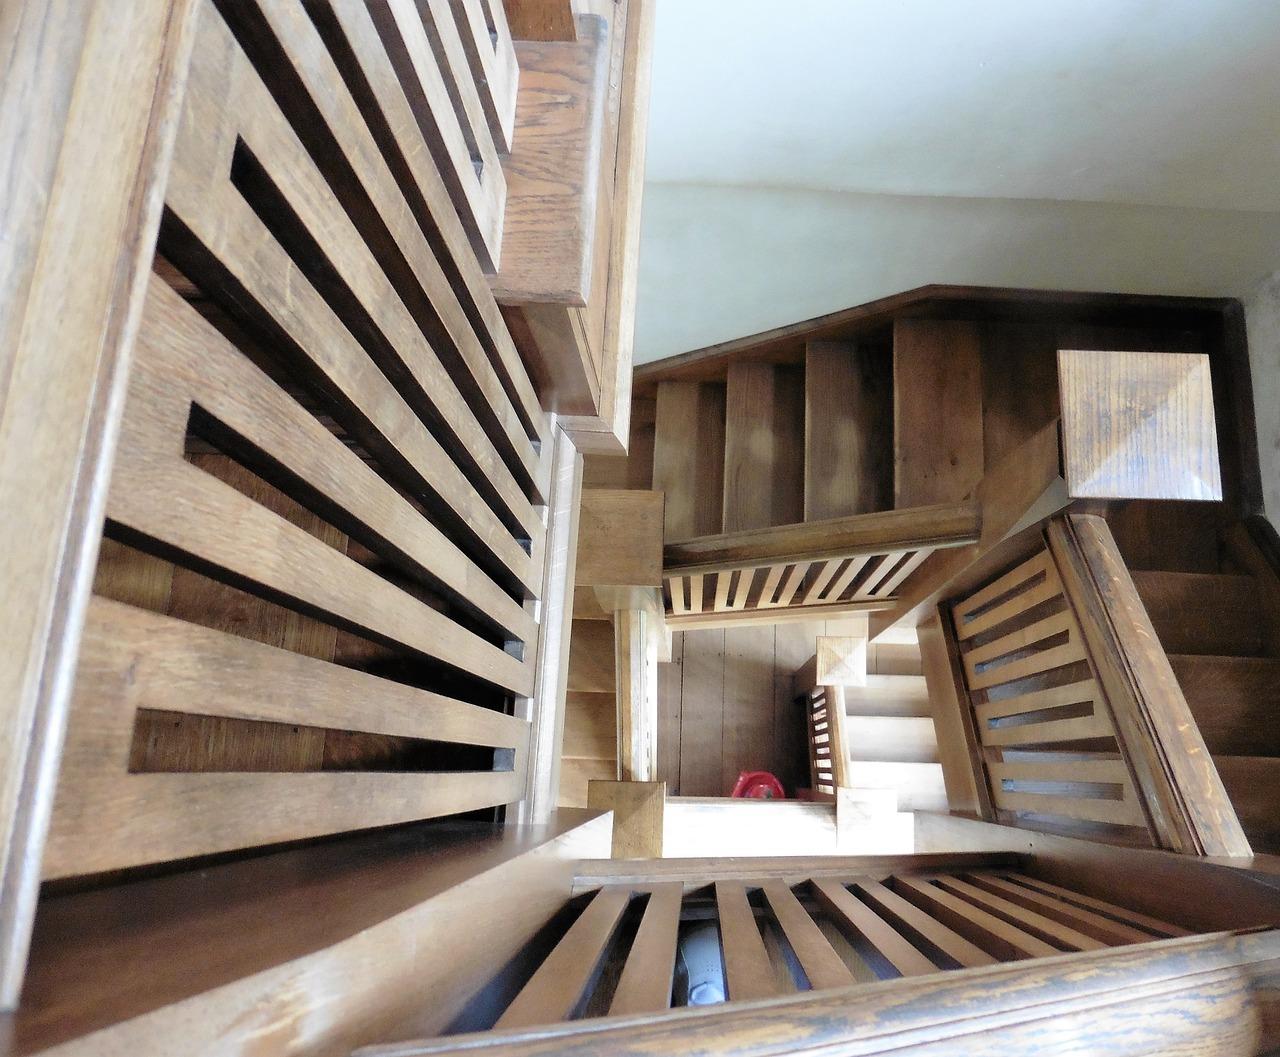 Peinture Pour Escalier Bois nos idées pour peindre un escalier en bois ? – blog-maison